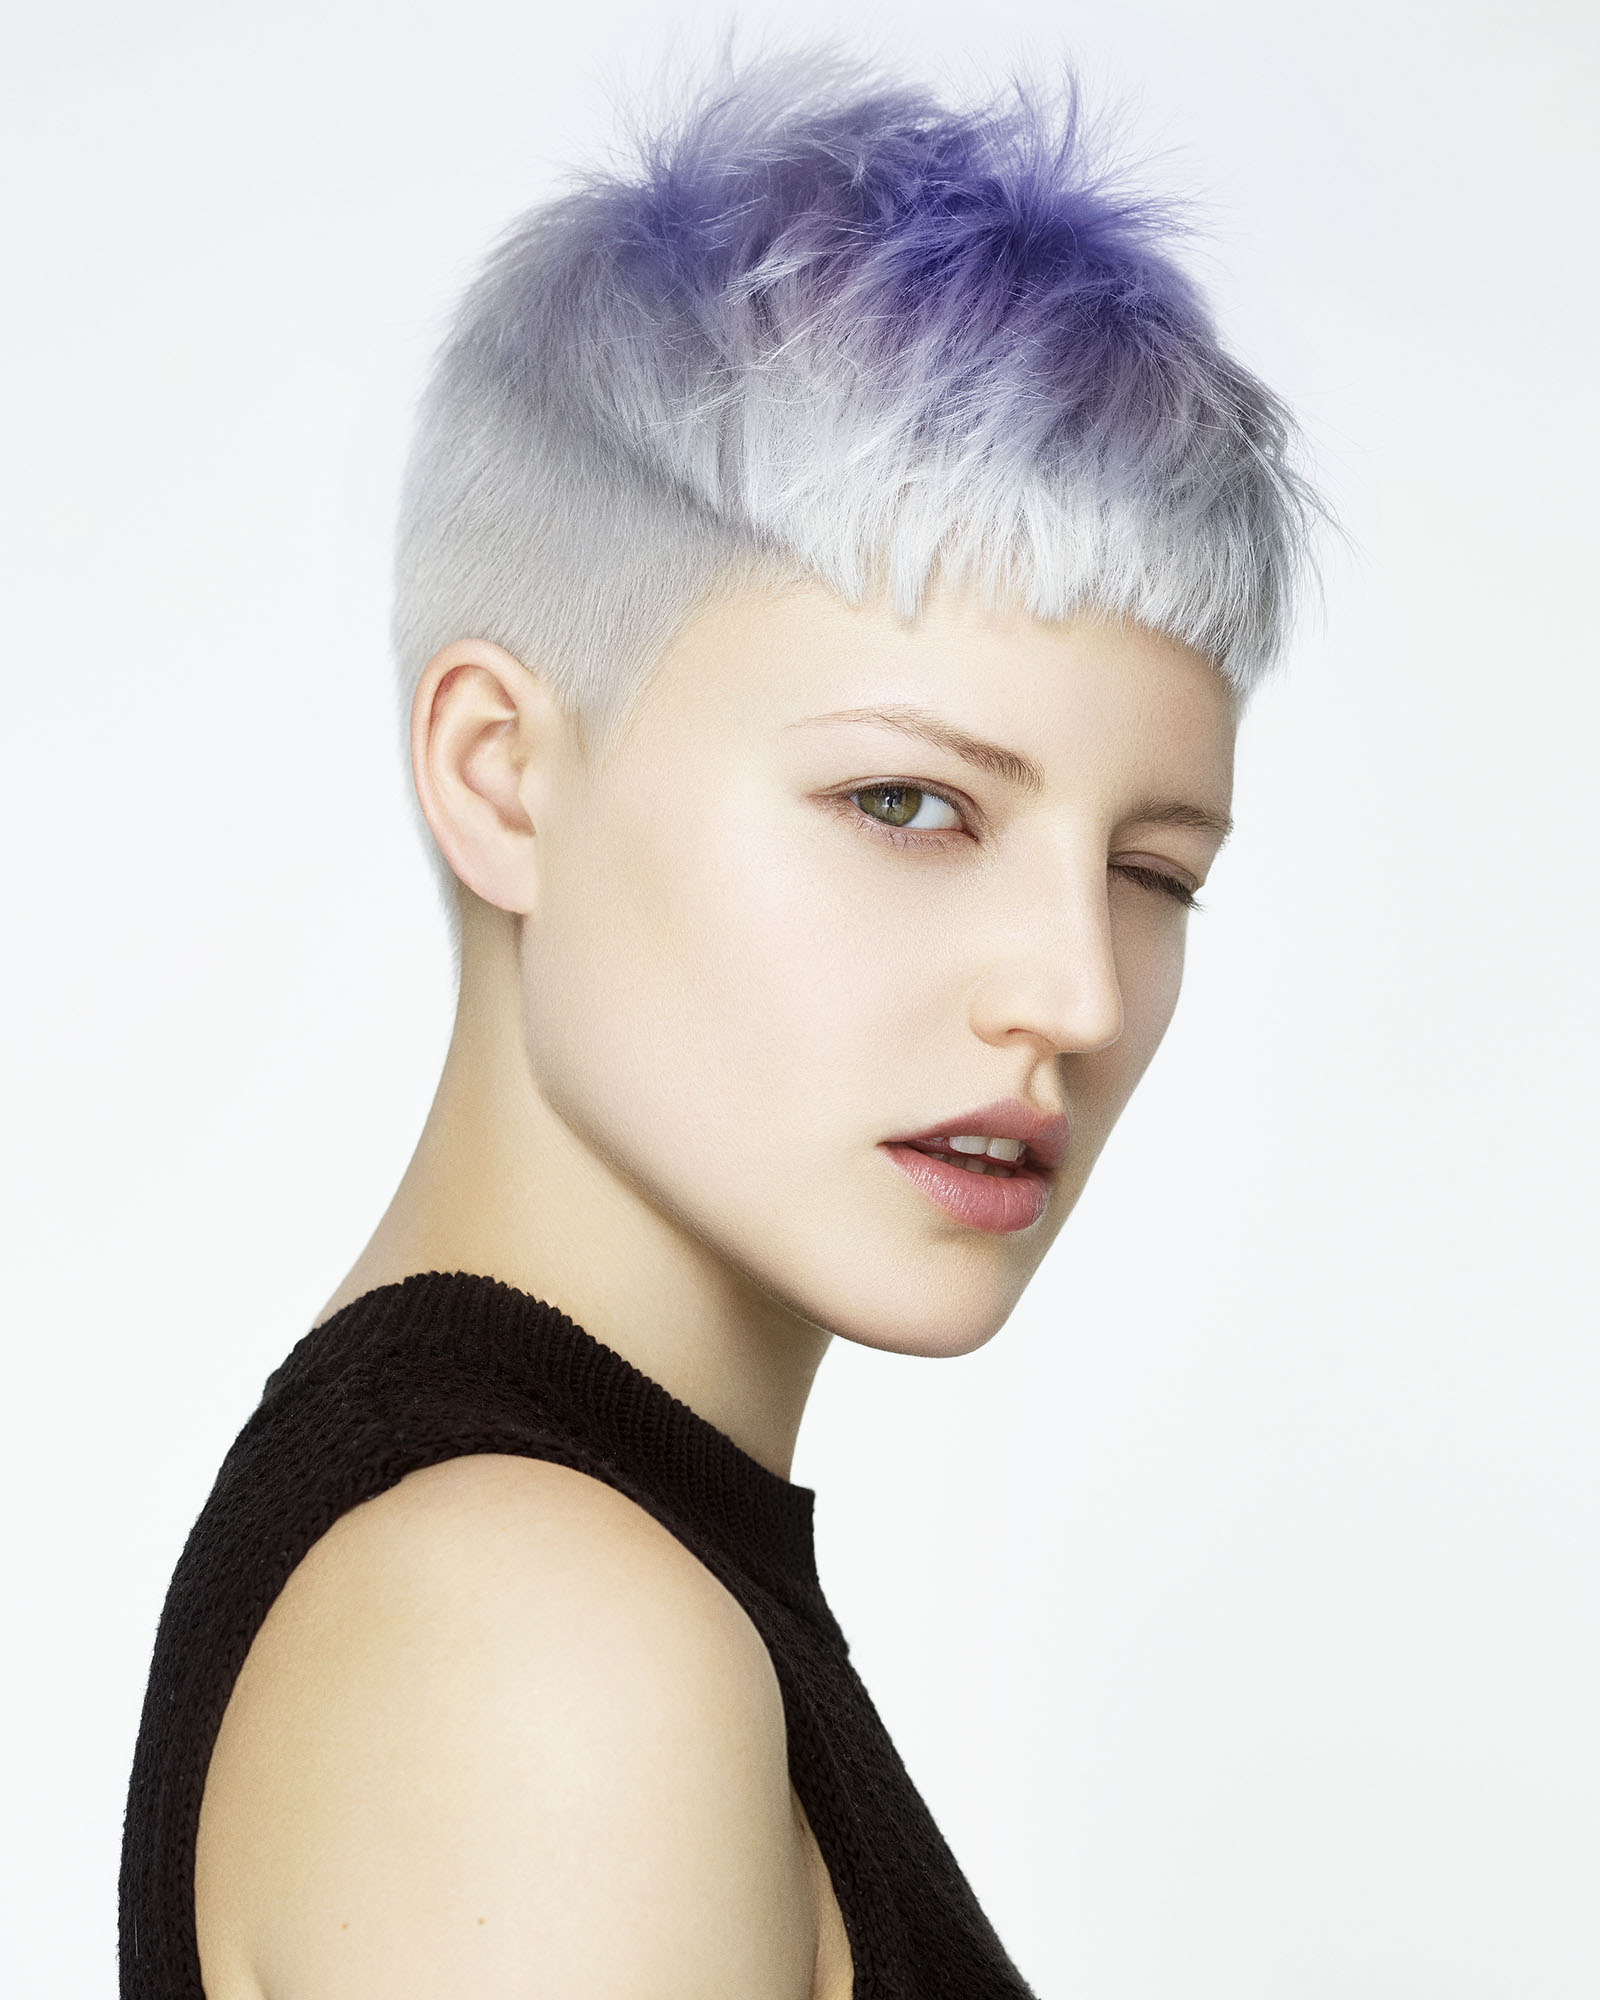 Taglio capelli rasati 2019